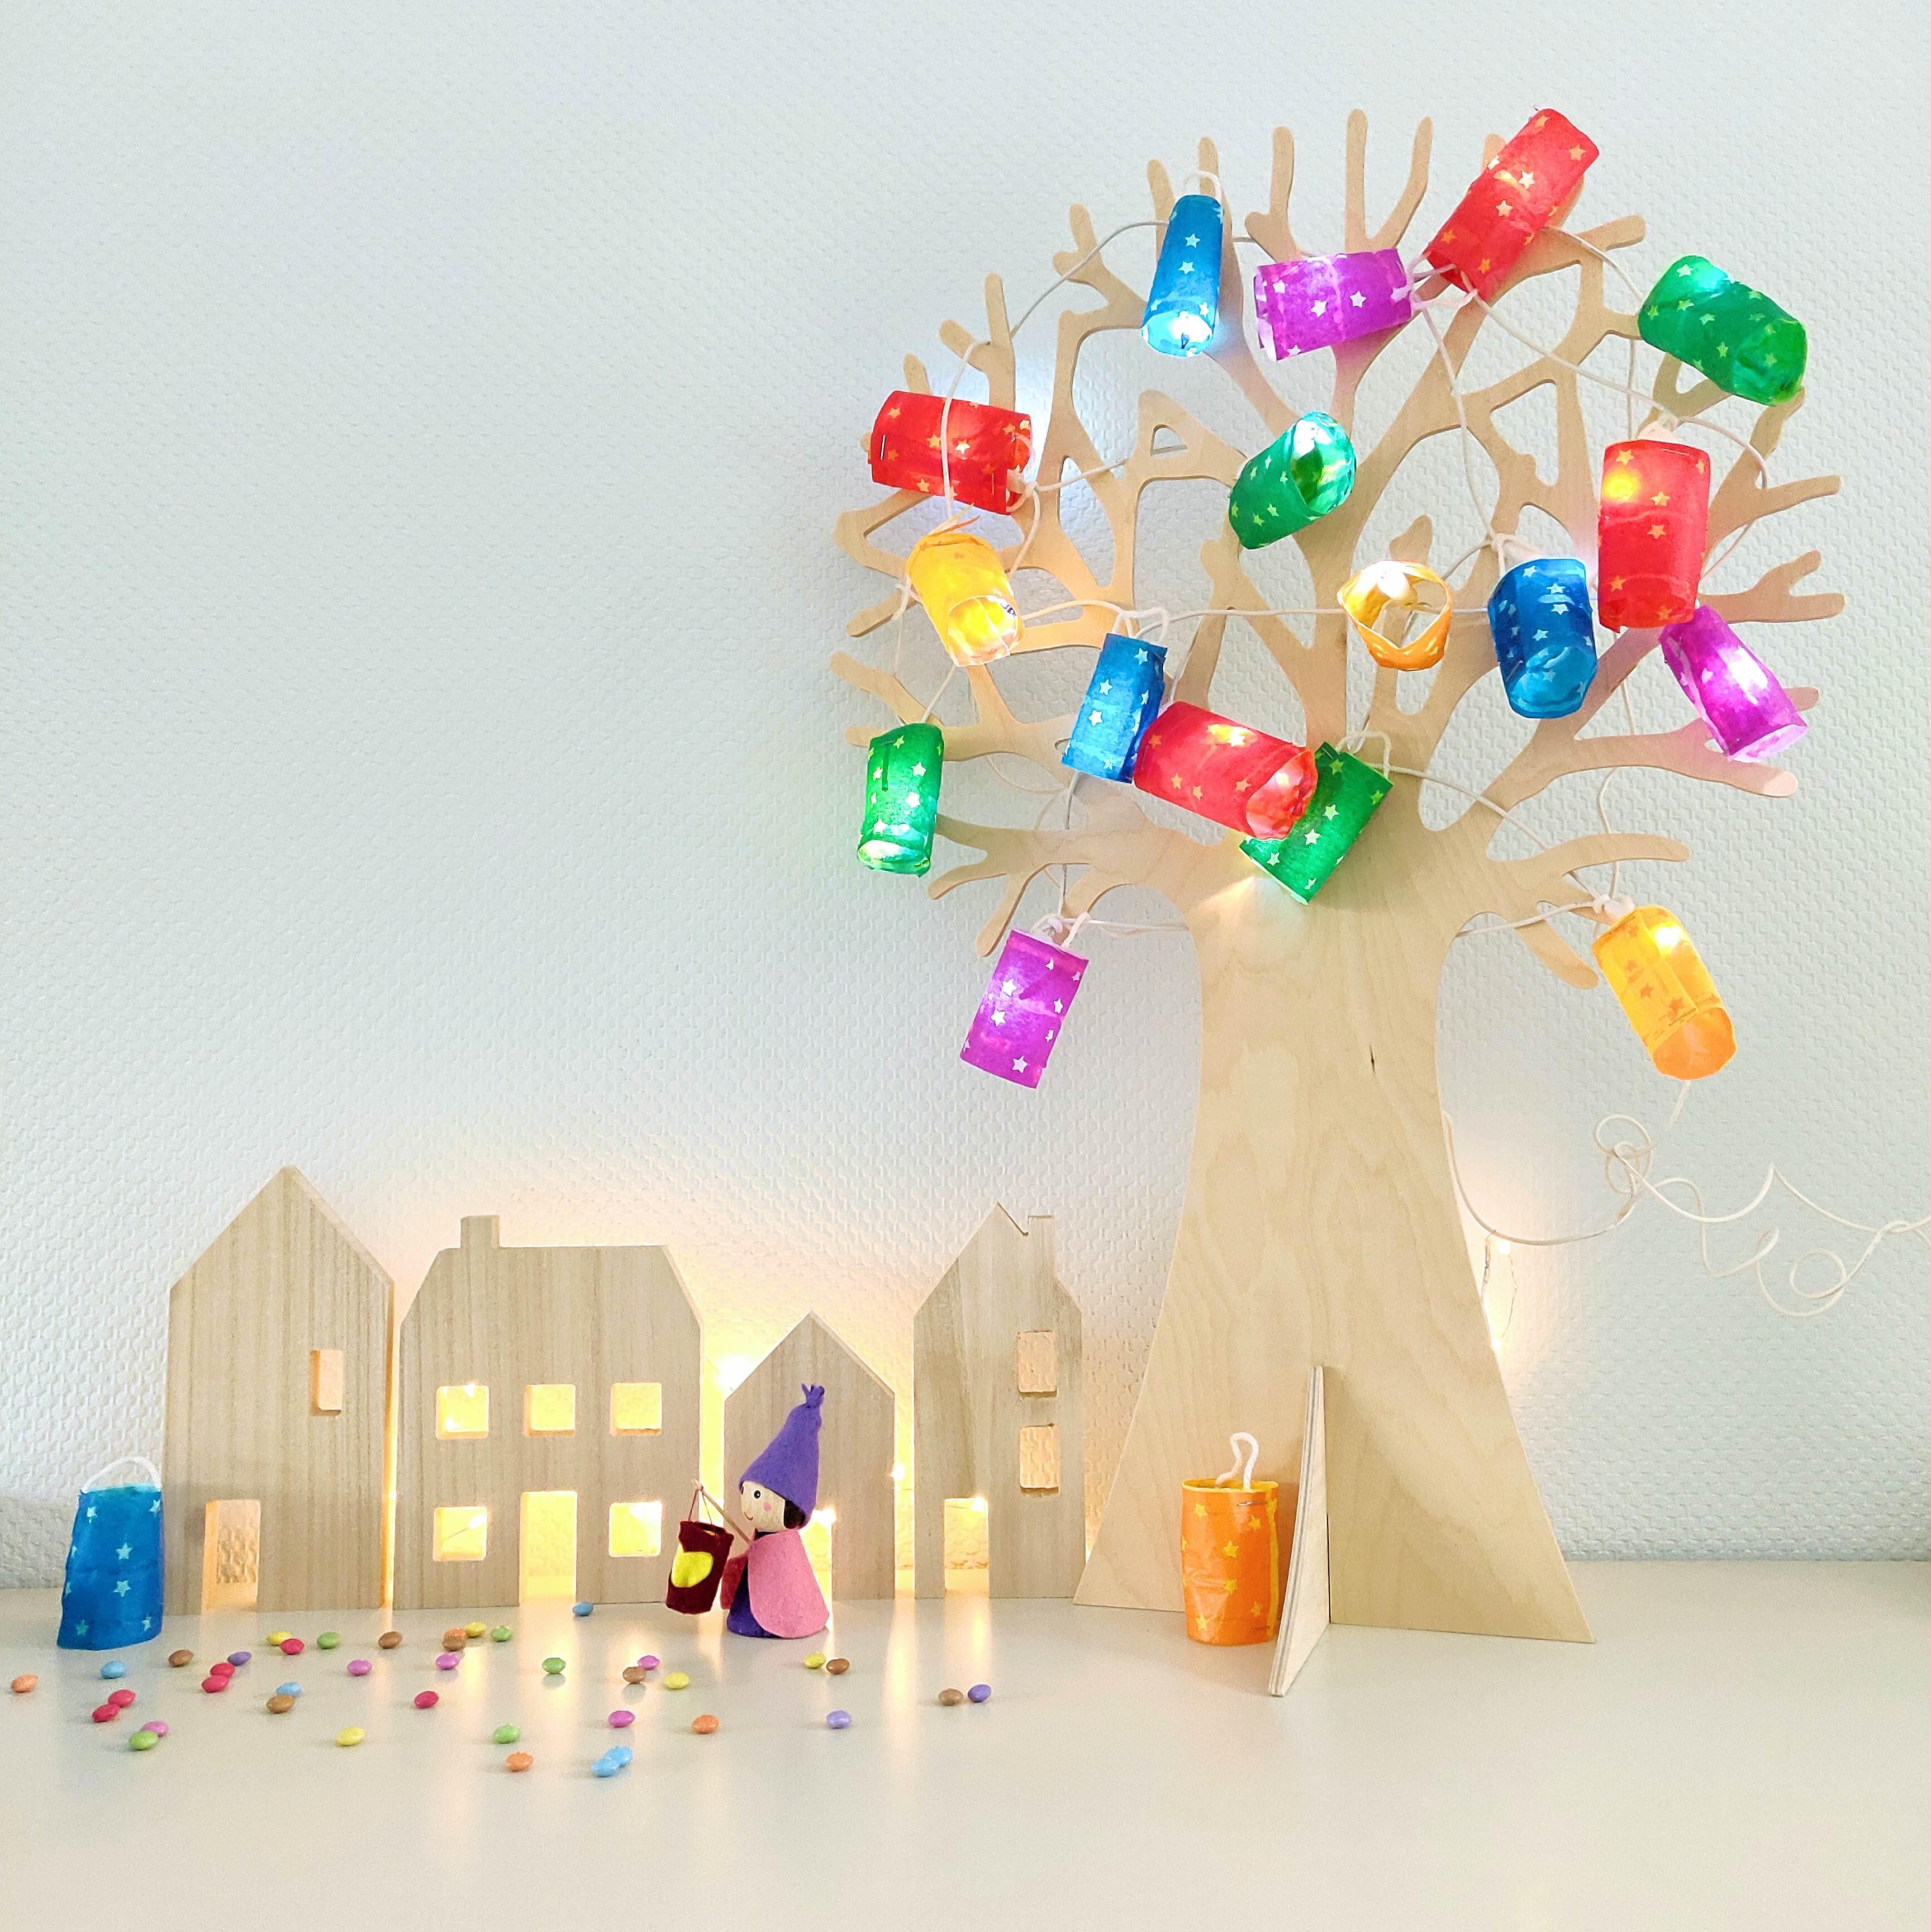 Sint maarten seizoensboom